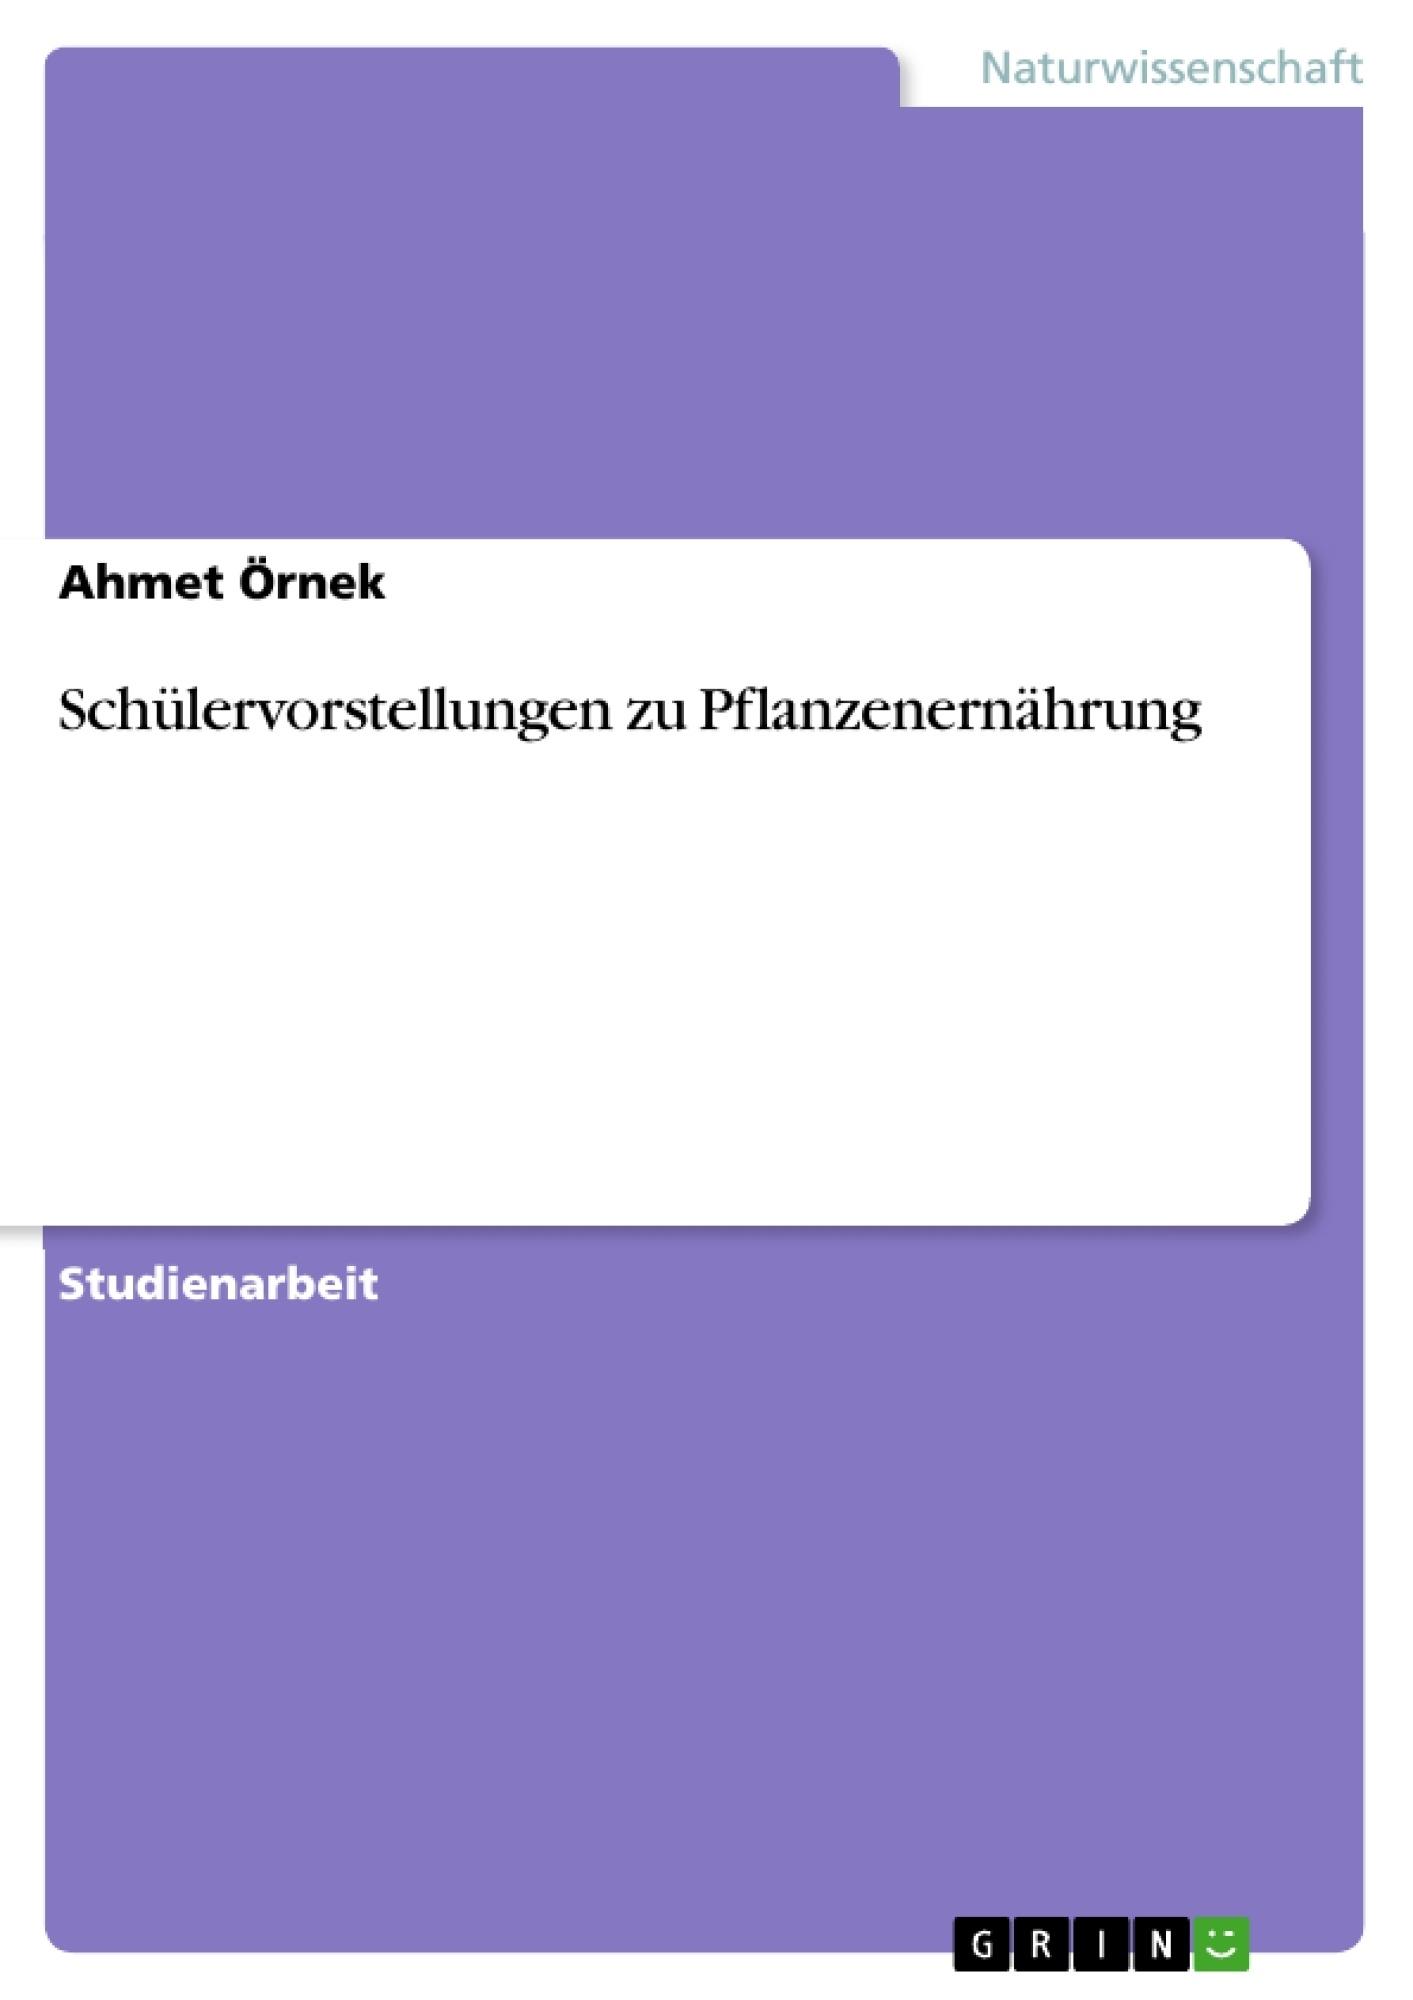 Titel: Schülervorstellungen zu Pflanzenernährung